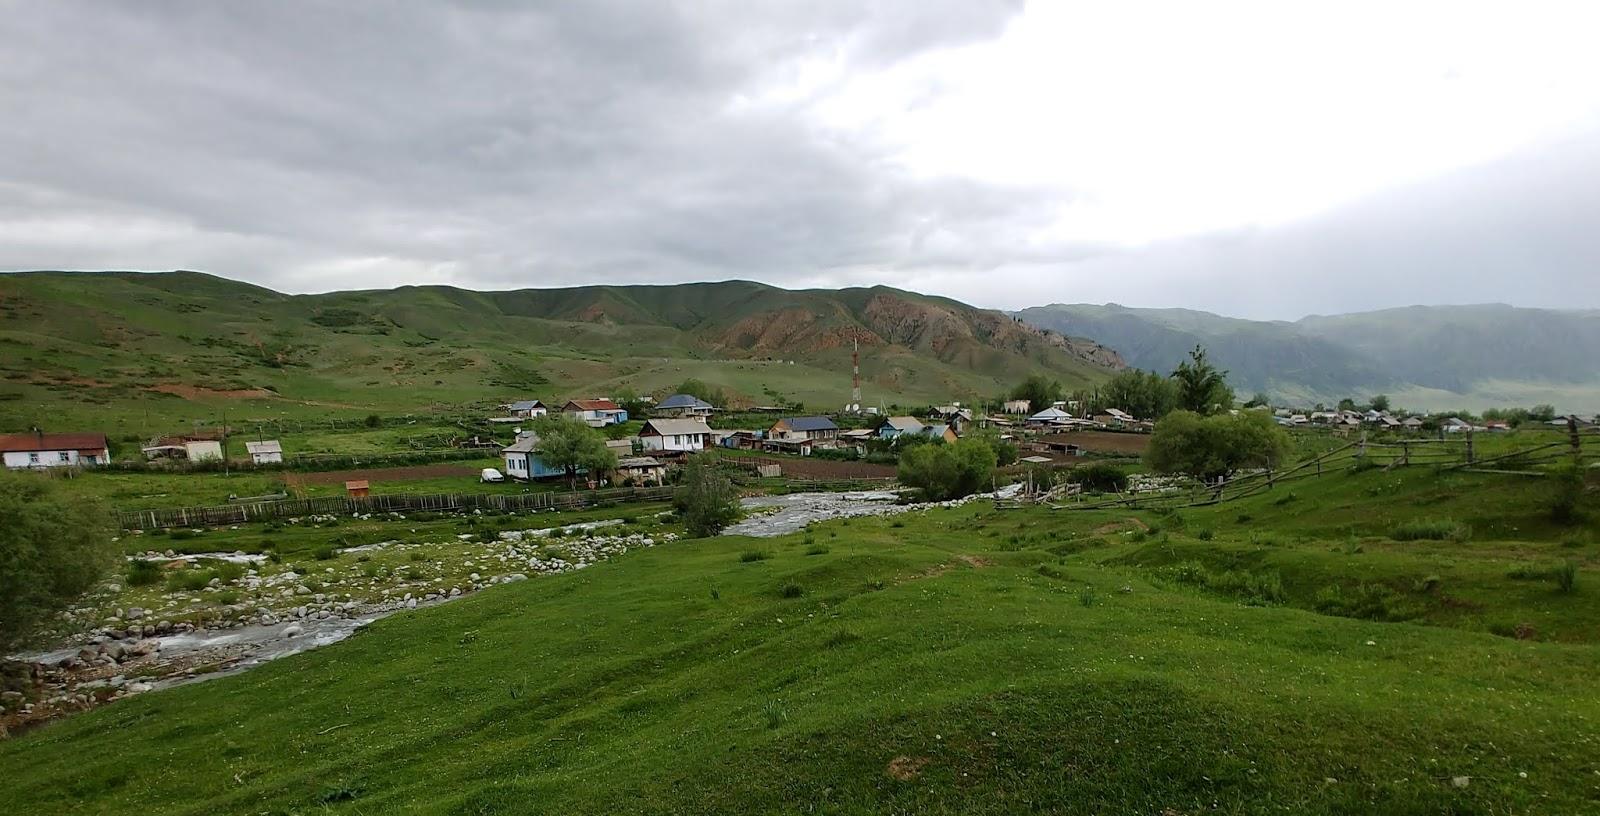 Najpiękniejsza wioska Kazachstanu i konna wyprawa do Kolsai